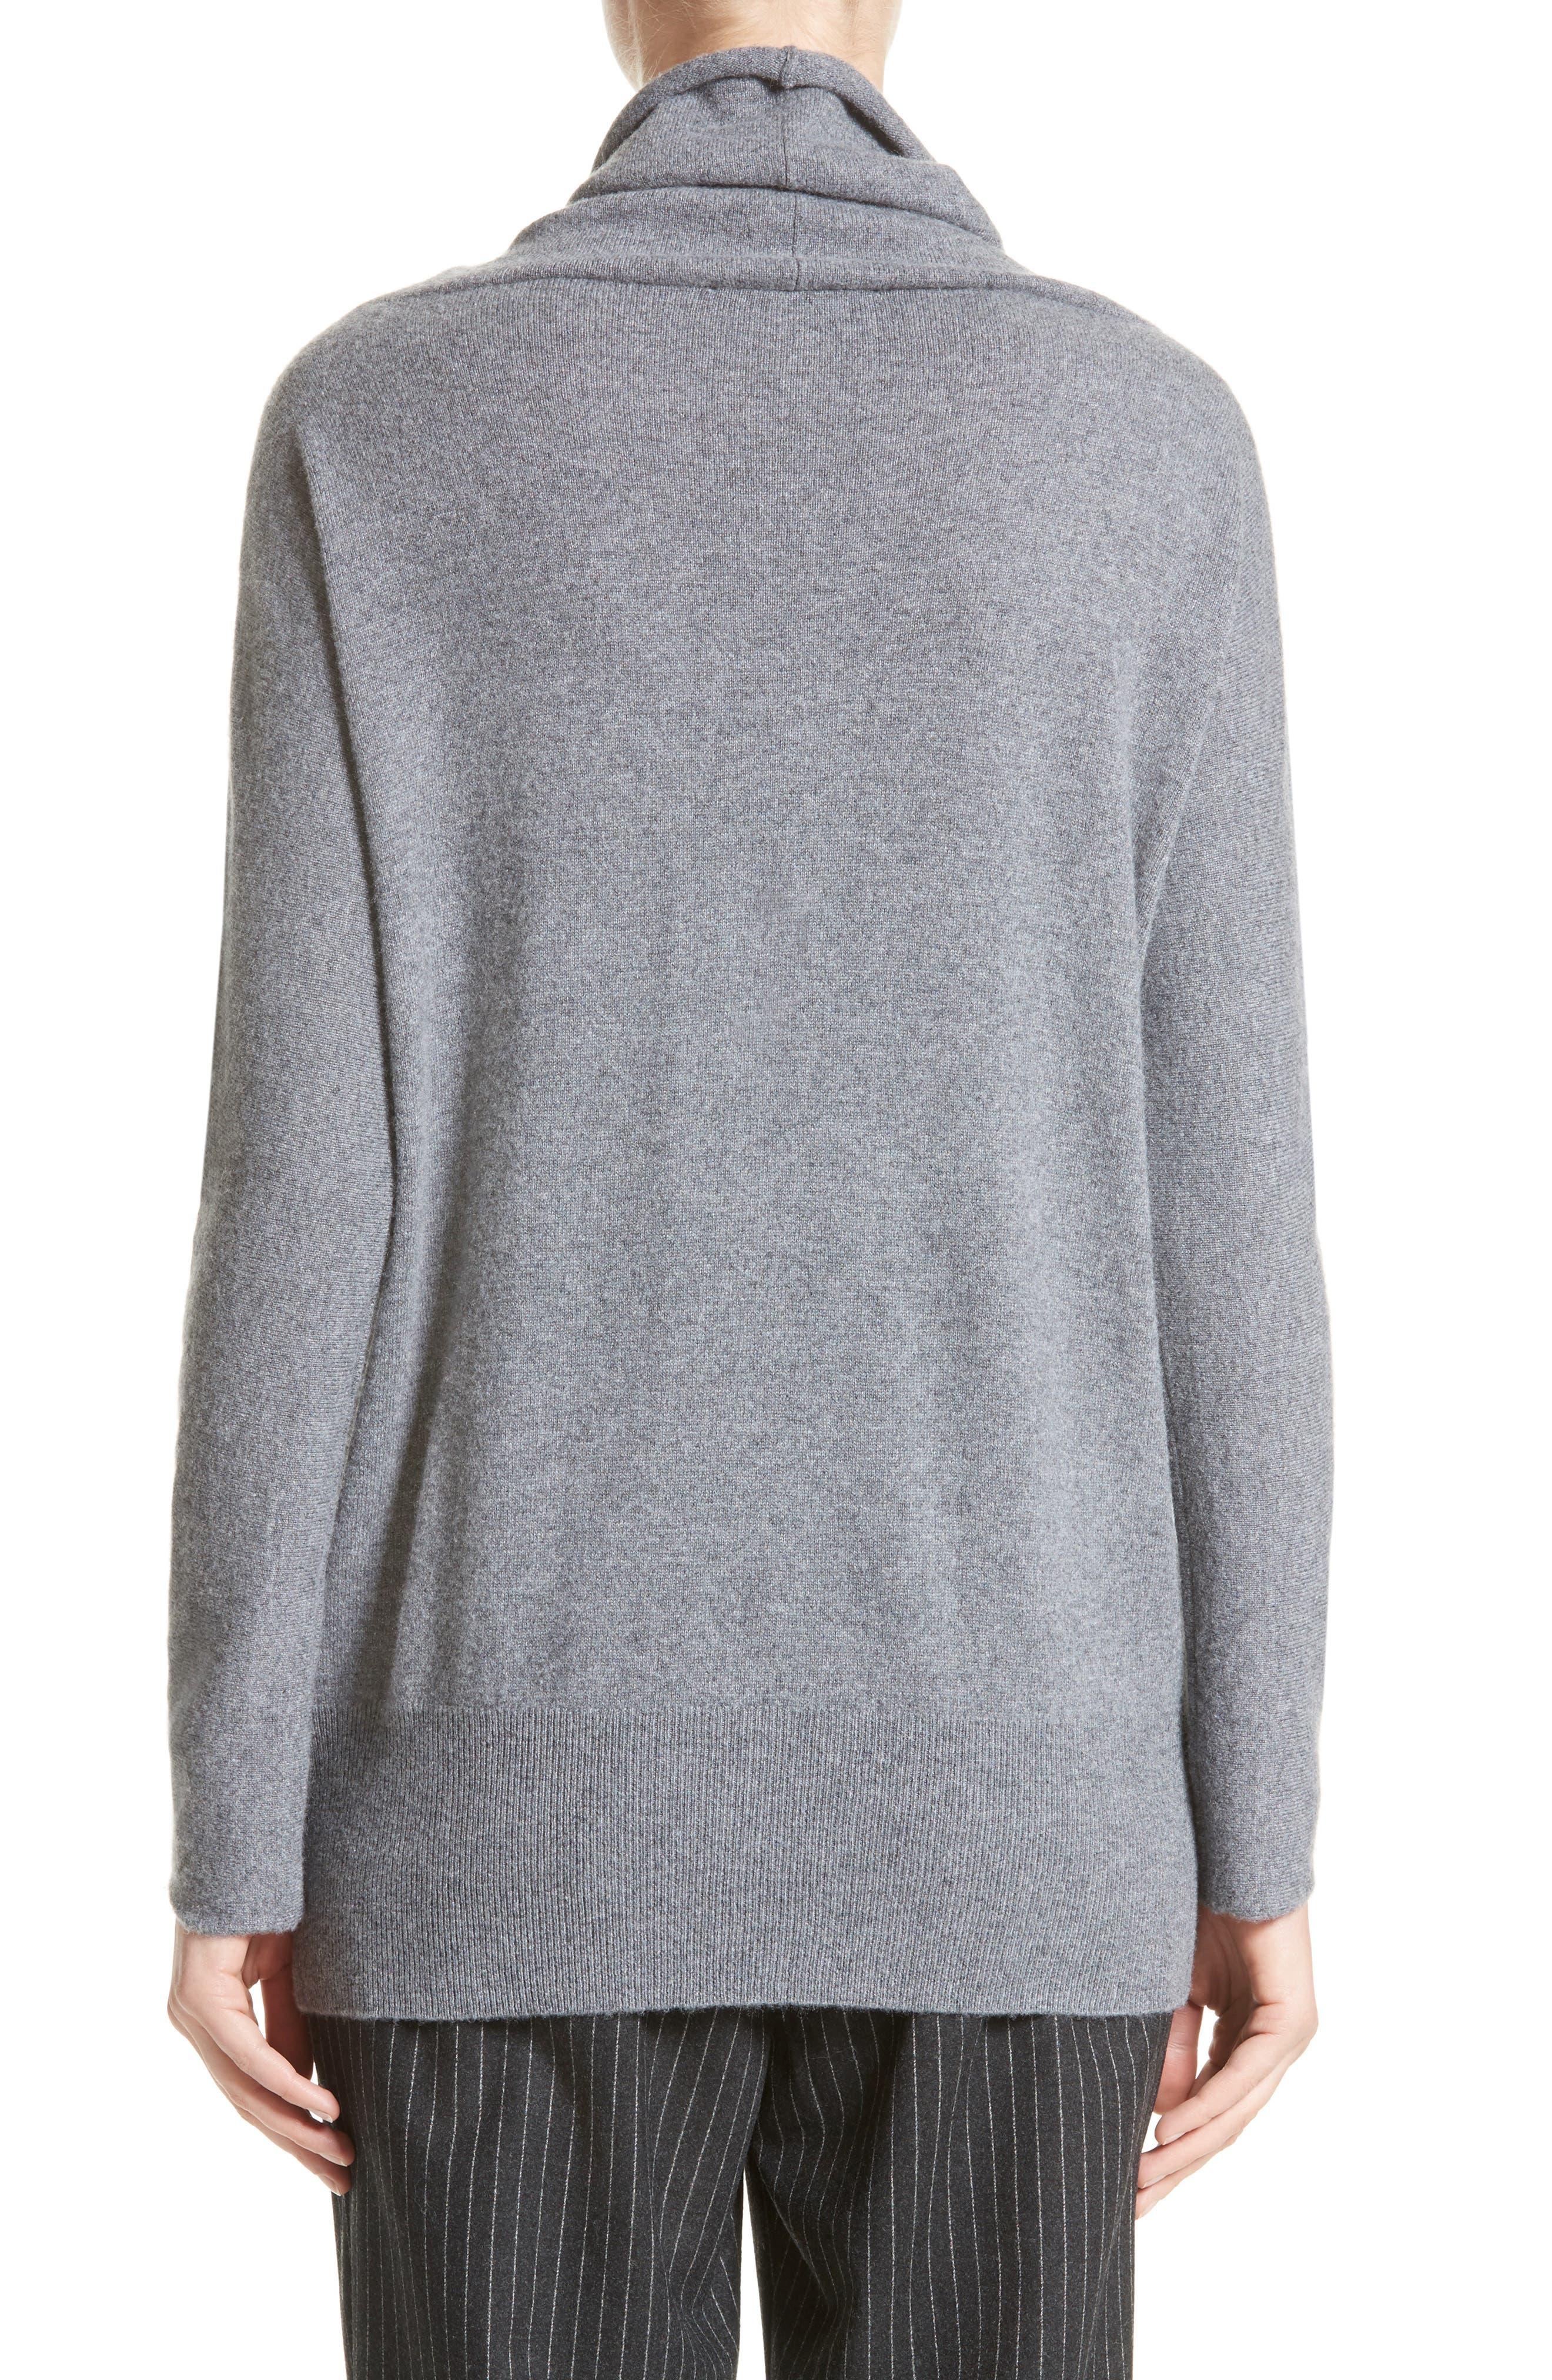 Embellished Cashmere Turtleneck Sweater,                             Alternate thumbnail 2, color,                             Grey